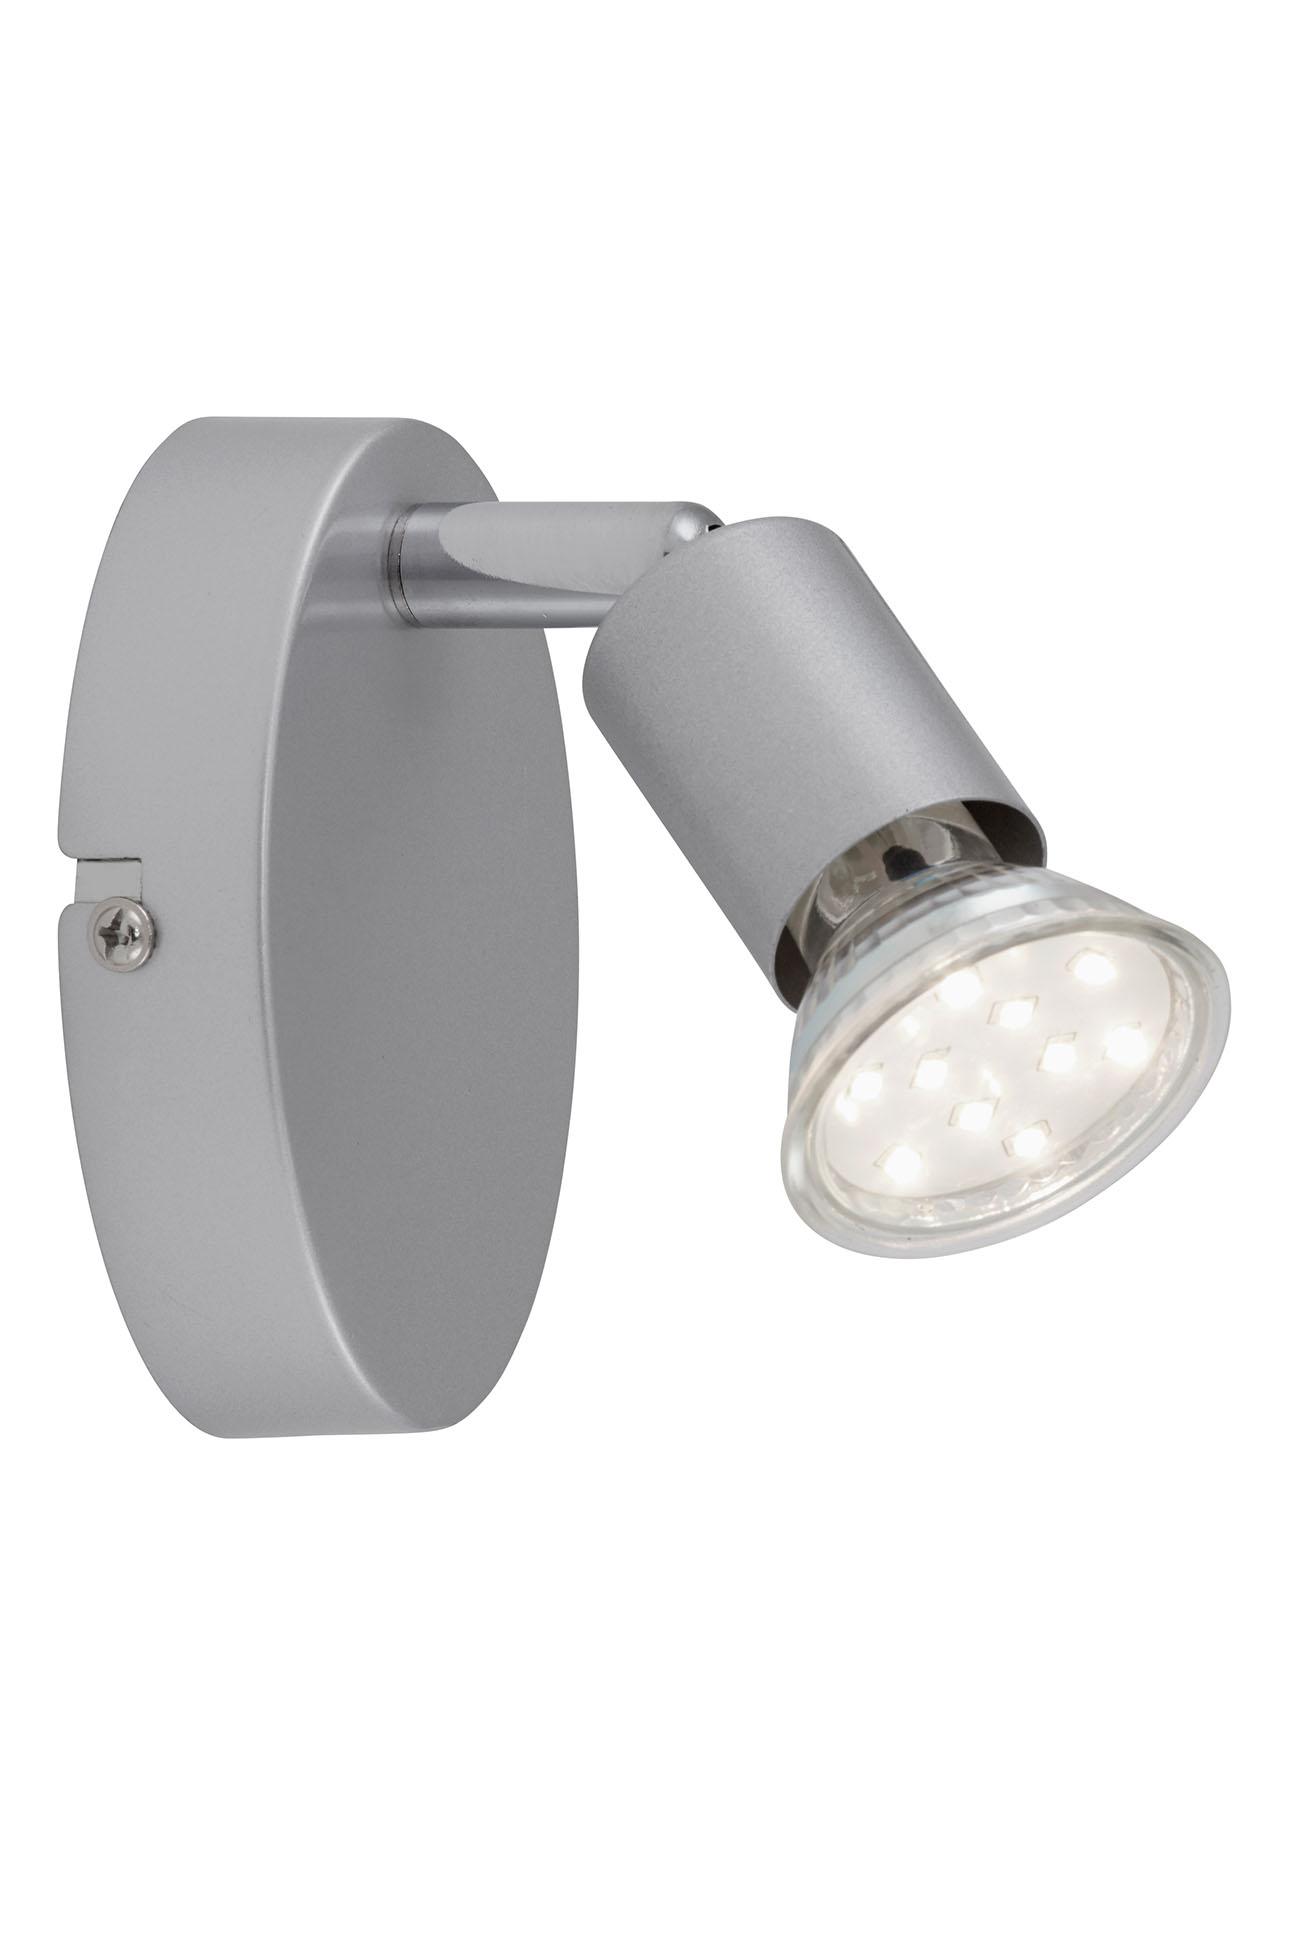 LED Spot Wandleuchte, 10,5 cm, 3 W, Titan